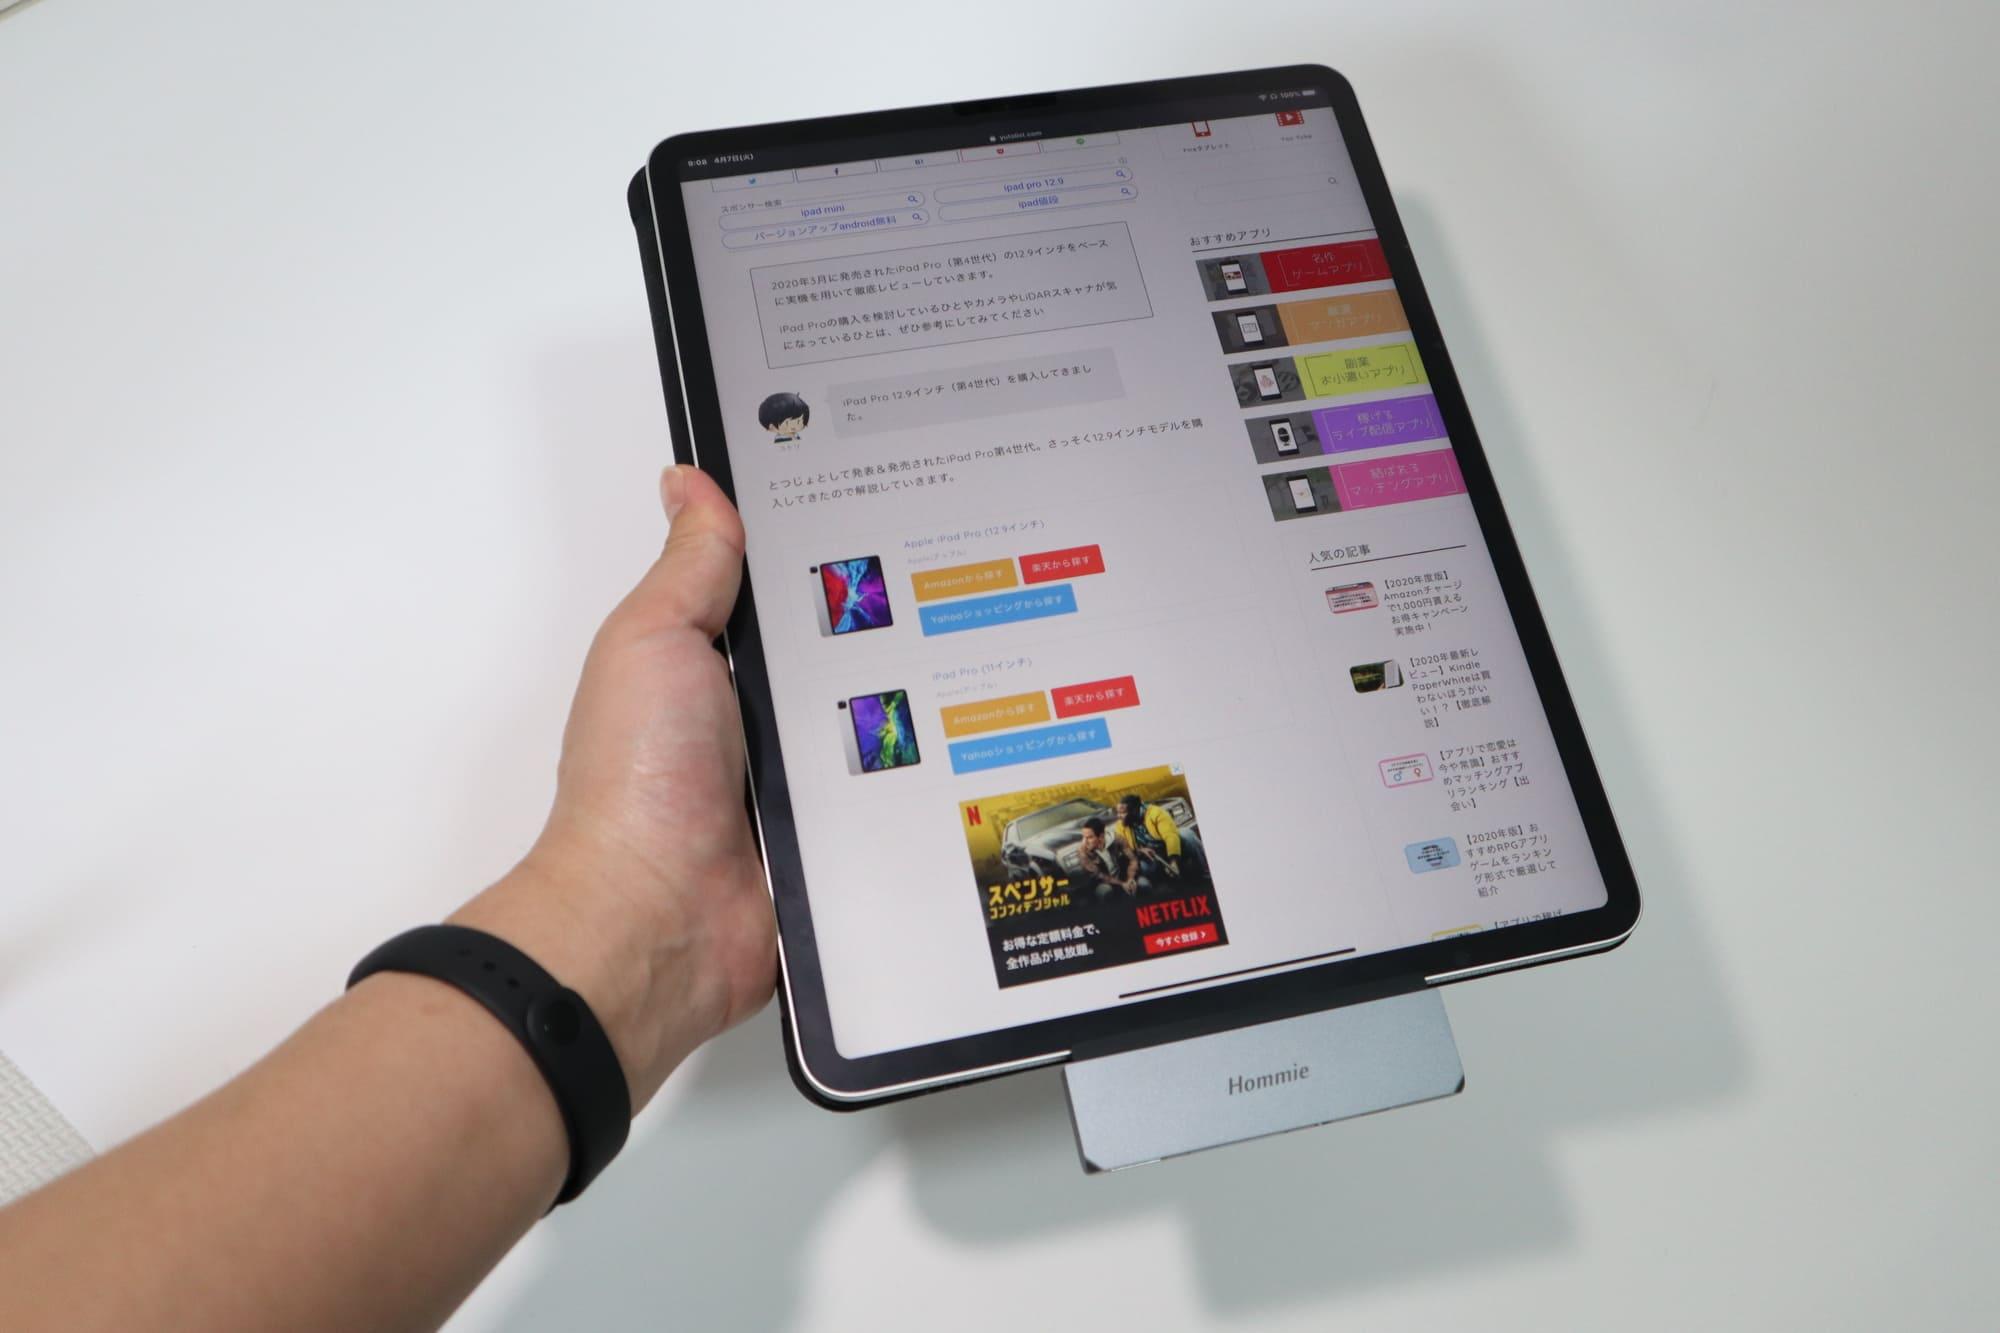 iPadを持ってる状態でもHommie Type-C モバイル ハブ ドッキングステーションは抜けない